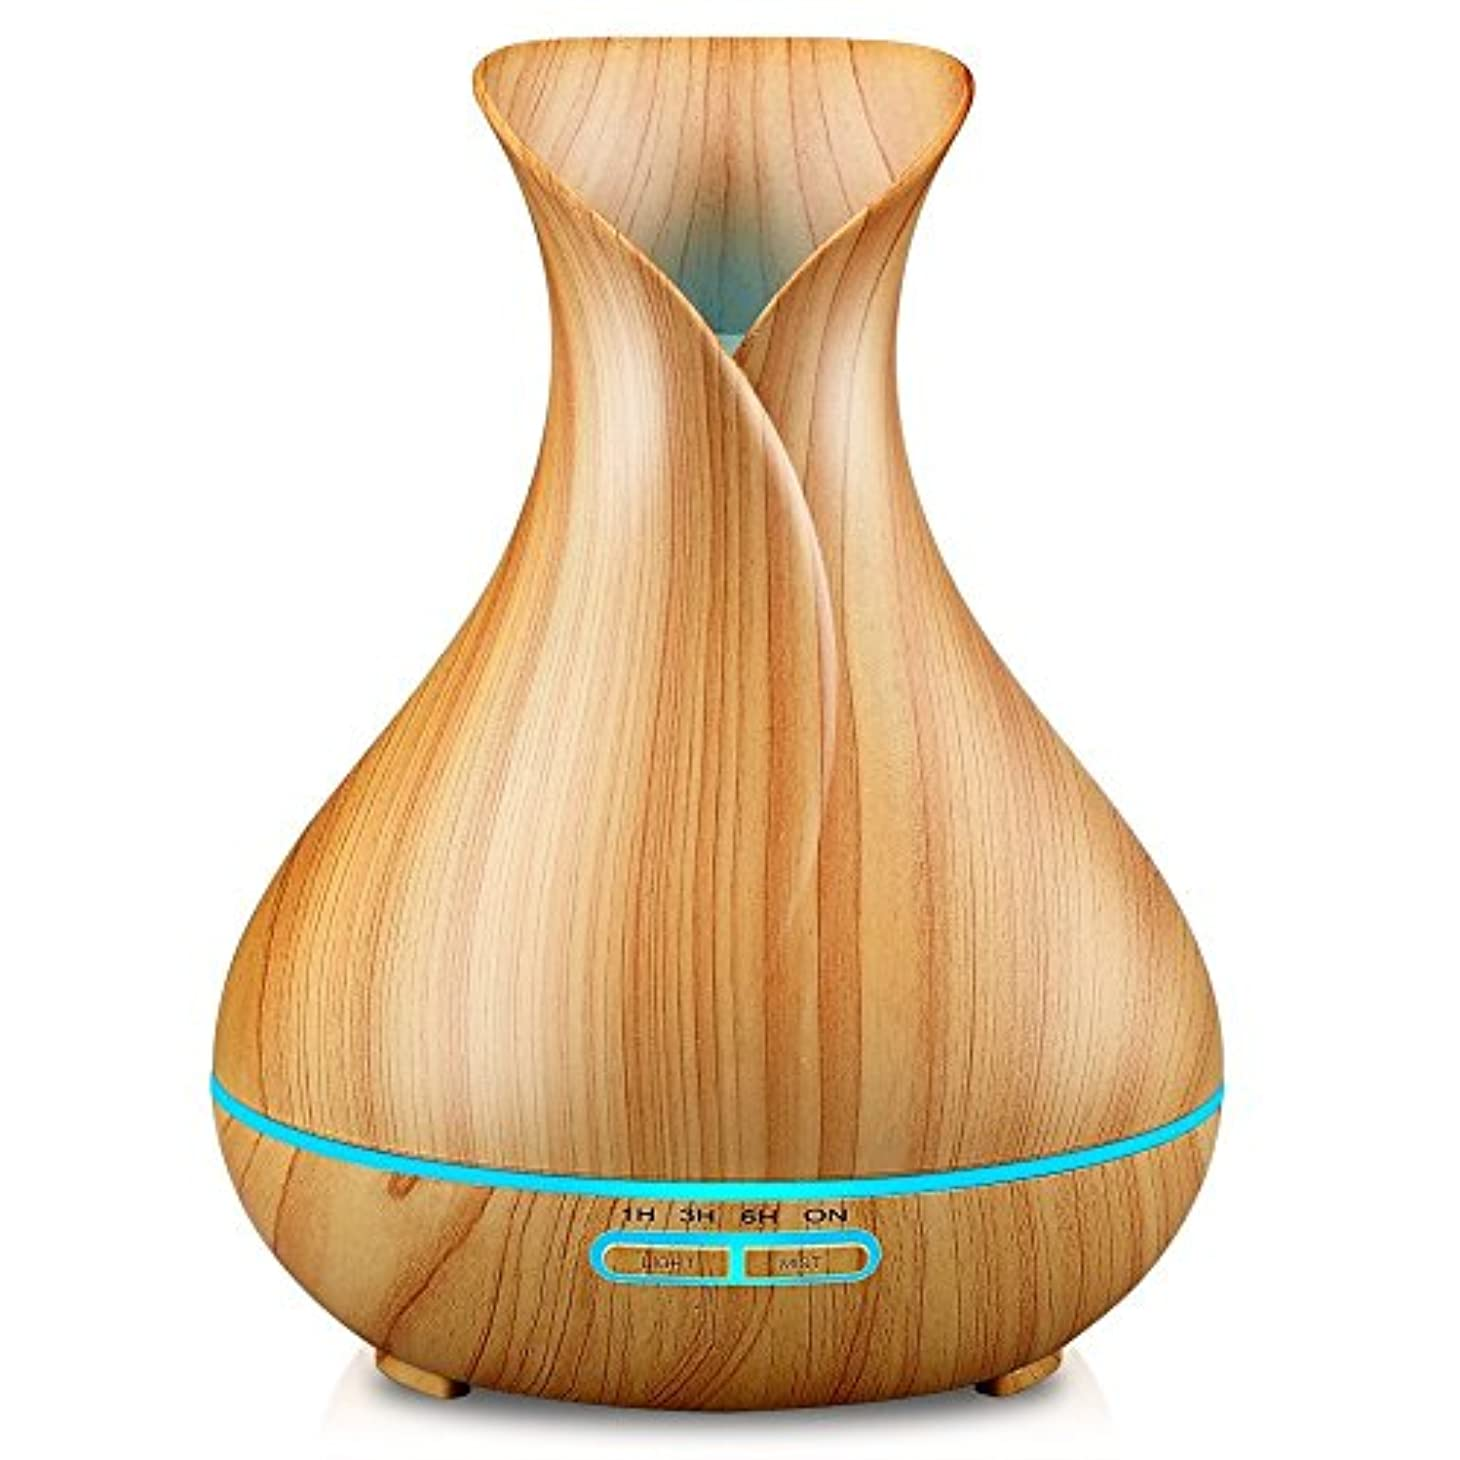 フライカイトカテゴリーフェデレーションURPOWER Essential Oil Diffuser スプレッド, 400ml Wood Grain Cool Mist Humidifiers 加湿器 Ultrasonic Aromatherapy Diffusers...